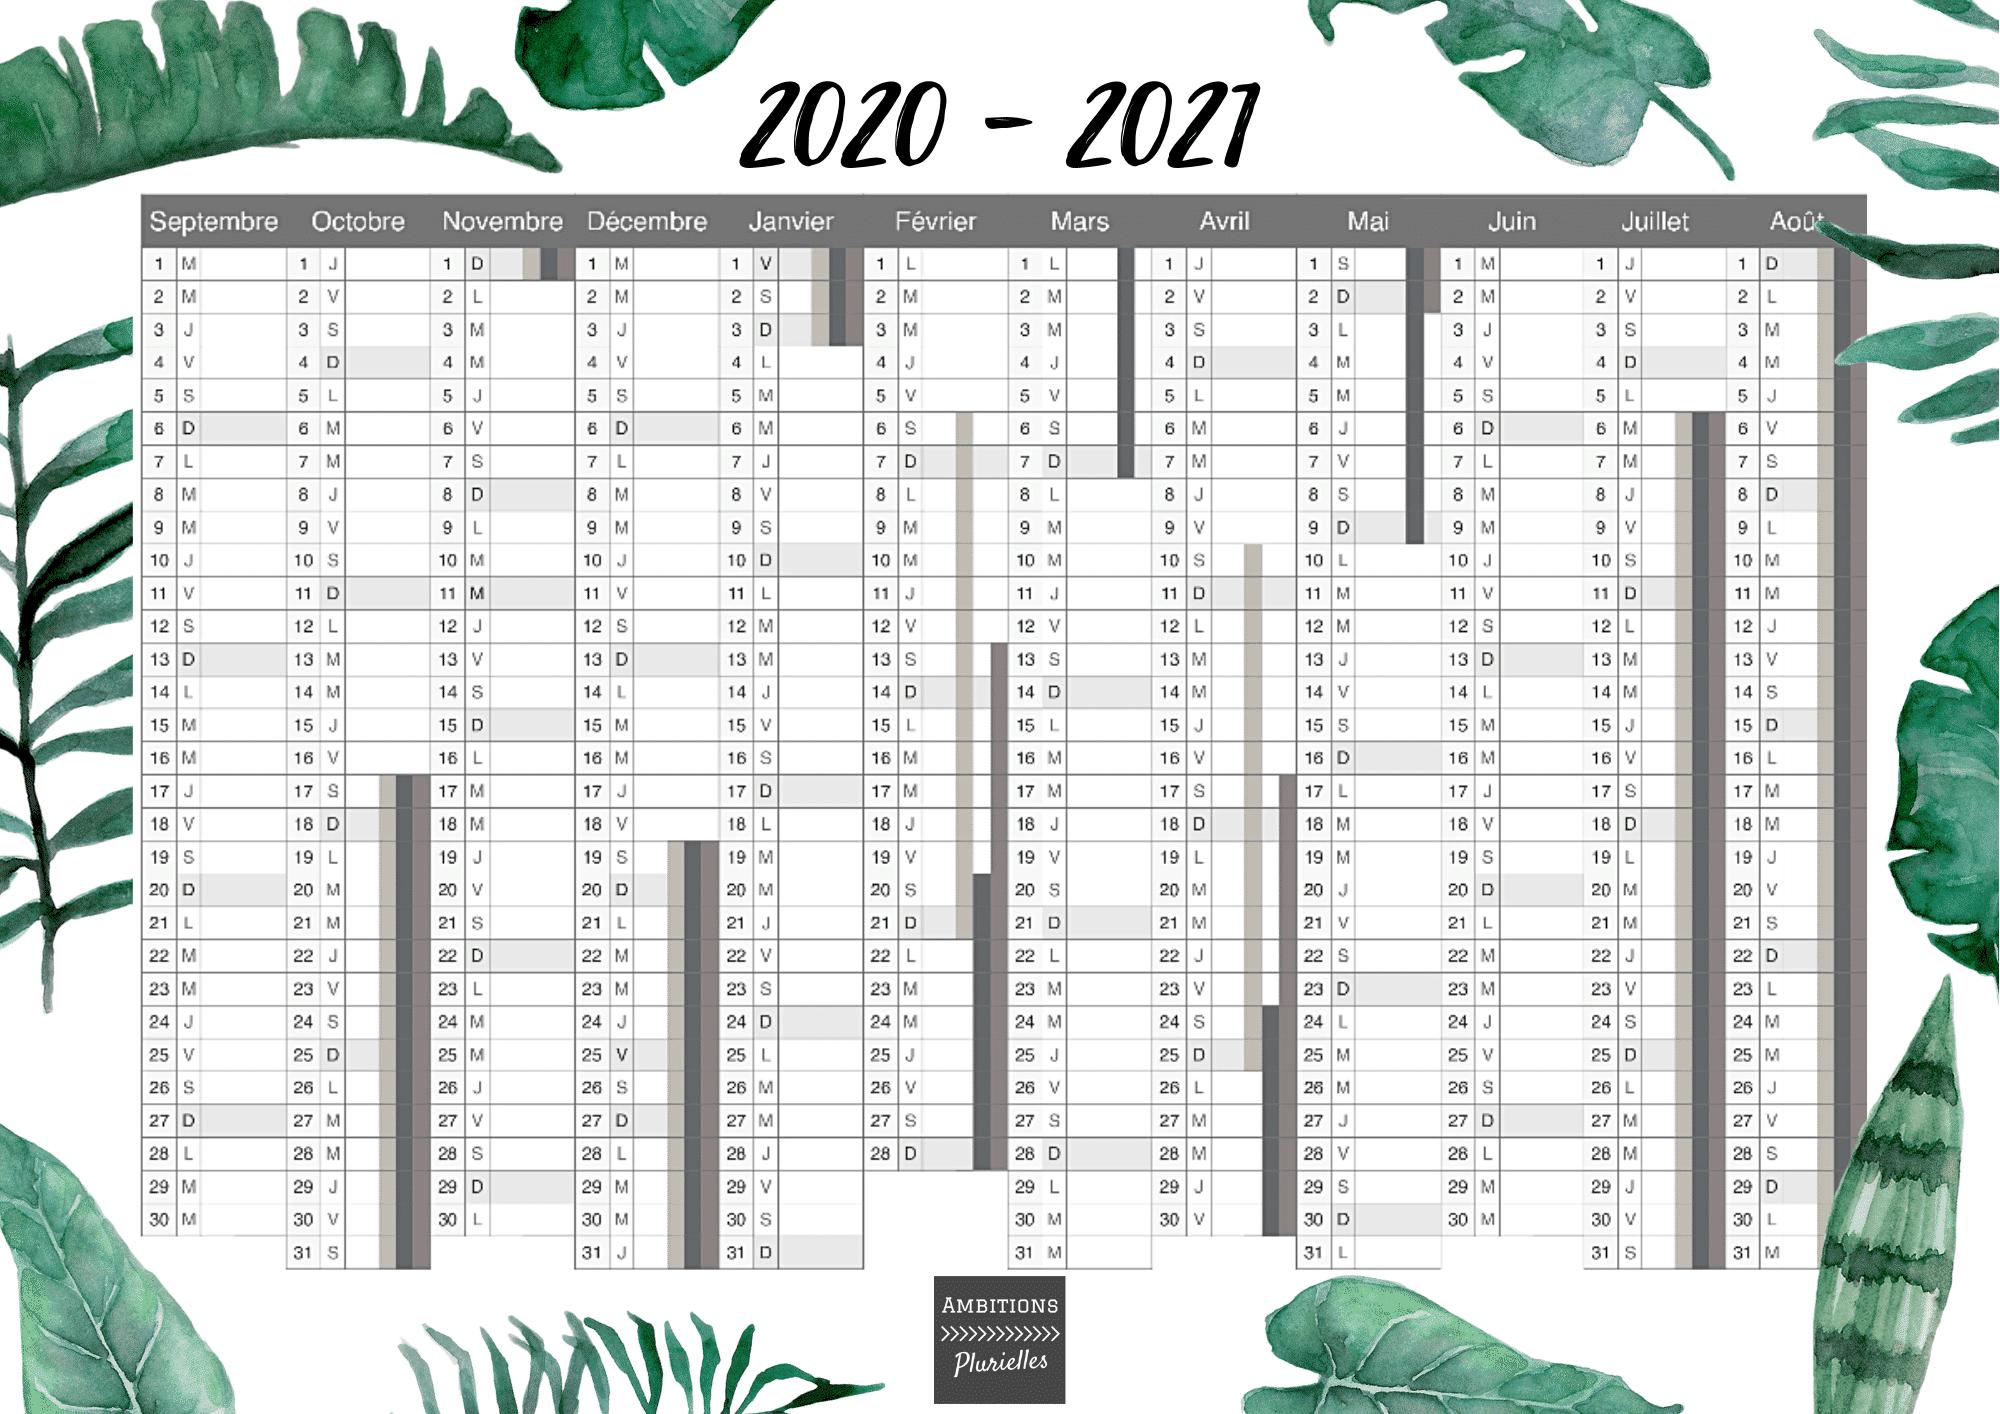 Calendrier 2019 Et 2021 à Imprimer Un joli calendrier 2020   2021 à imprimer offert par Ambitions